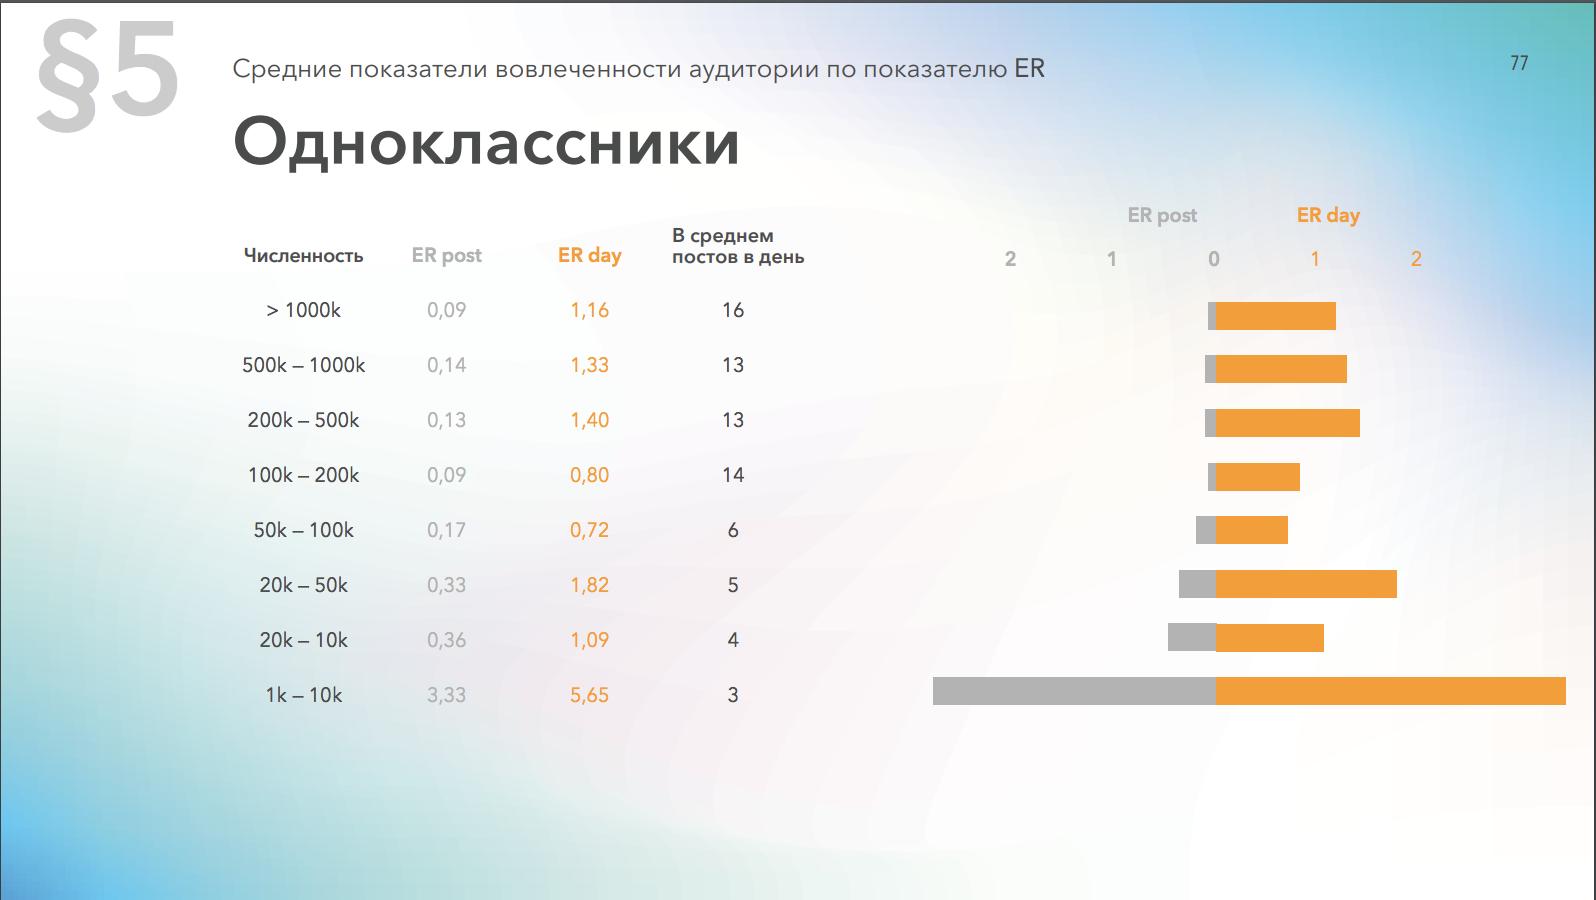 Средний уровень вовлеченности страниц в Одноклассниках в зависимости от количества подписчиков